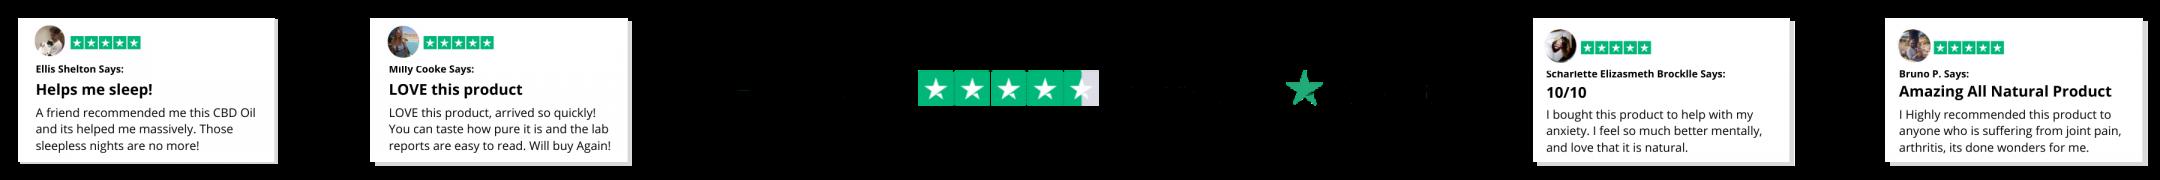 our trust pilot reviews on CBD oil